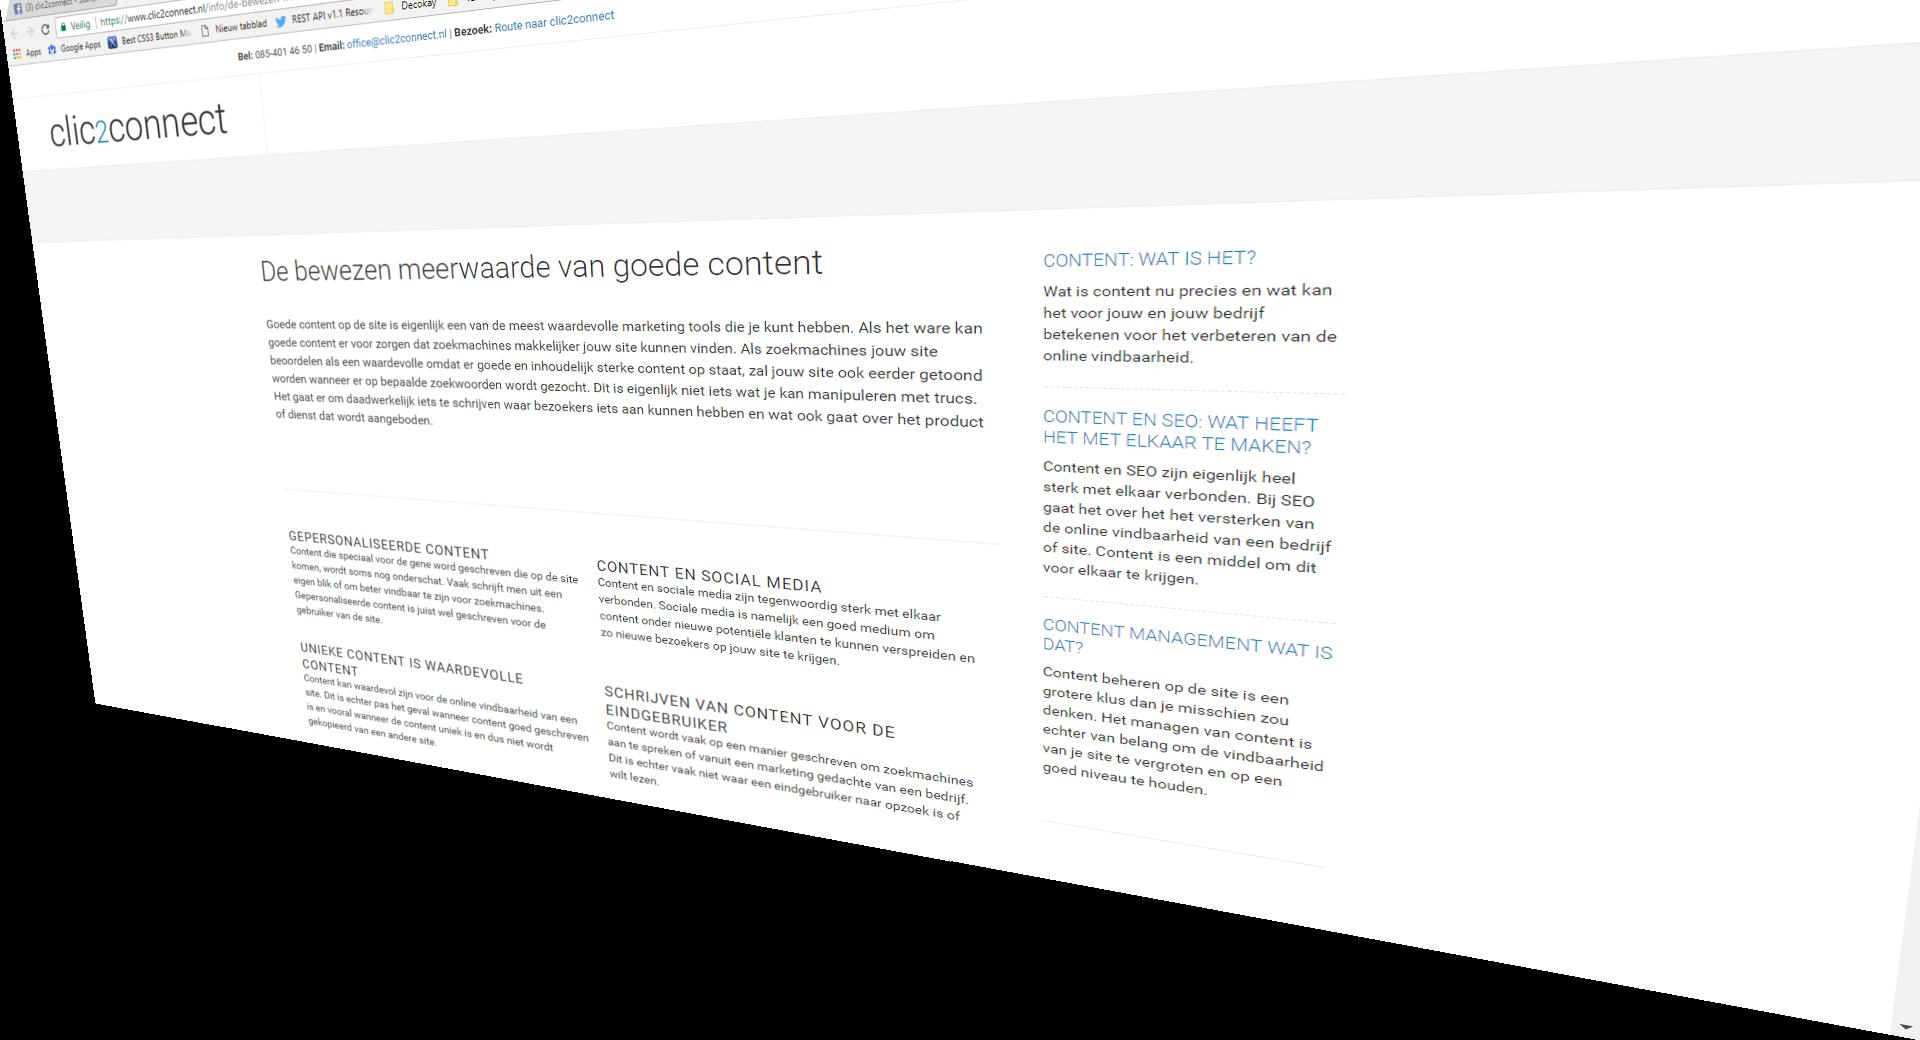 Goede content en de bewezen meerwaarde, in beeld